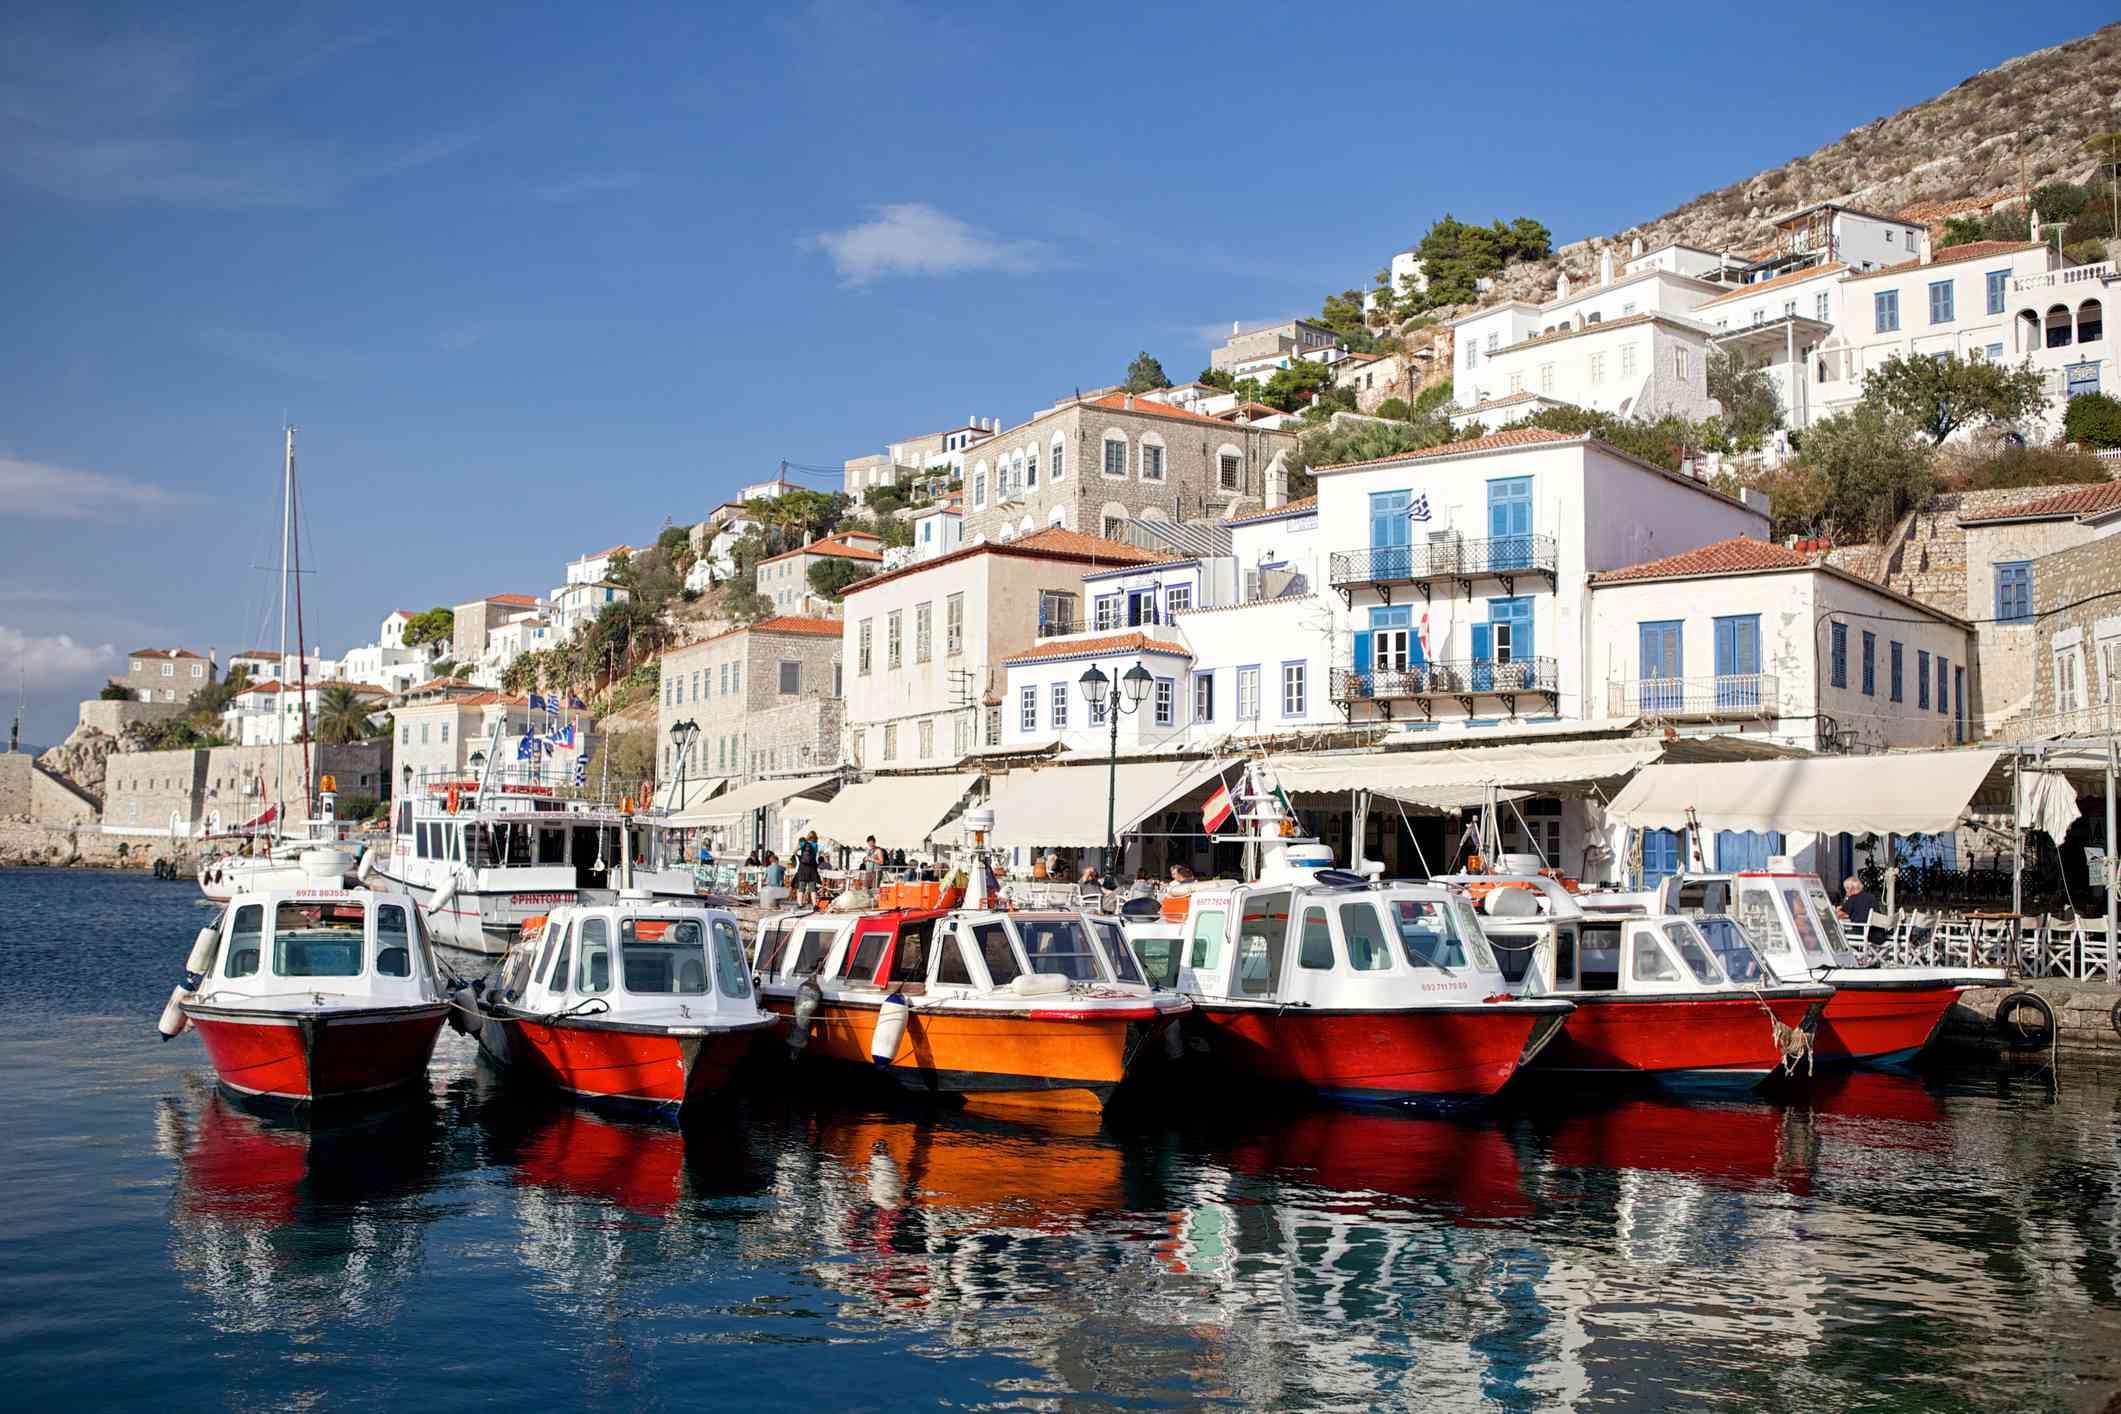 Taxis acuáticos en la pequeña isla de Hydra (Idra) en Grecia. Ubicada en el Golfo Sarónico, Hydra es un popular destino de fin de semana de verano debido a su proximidad a Atenas